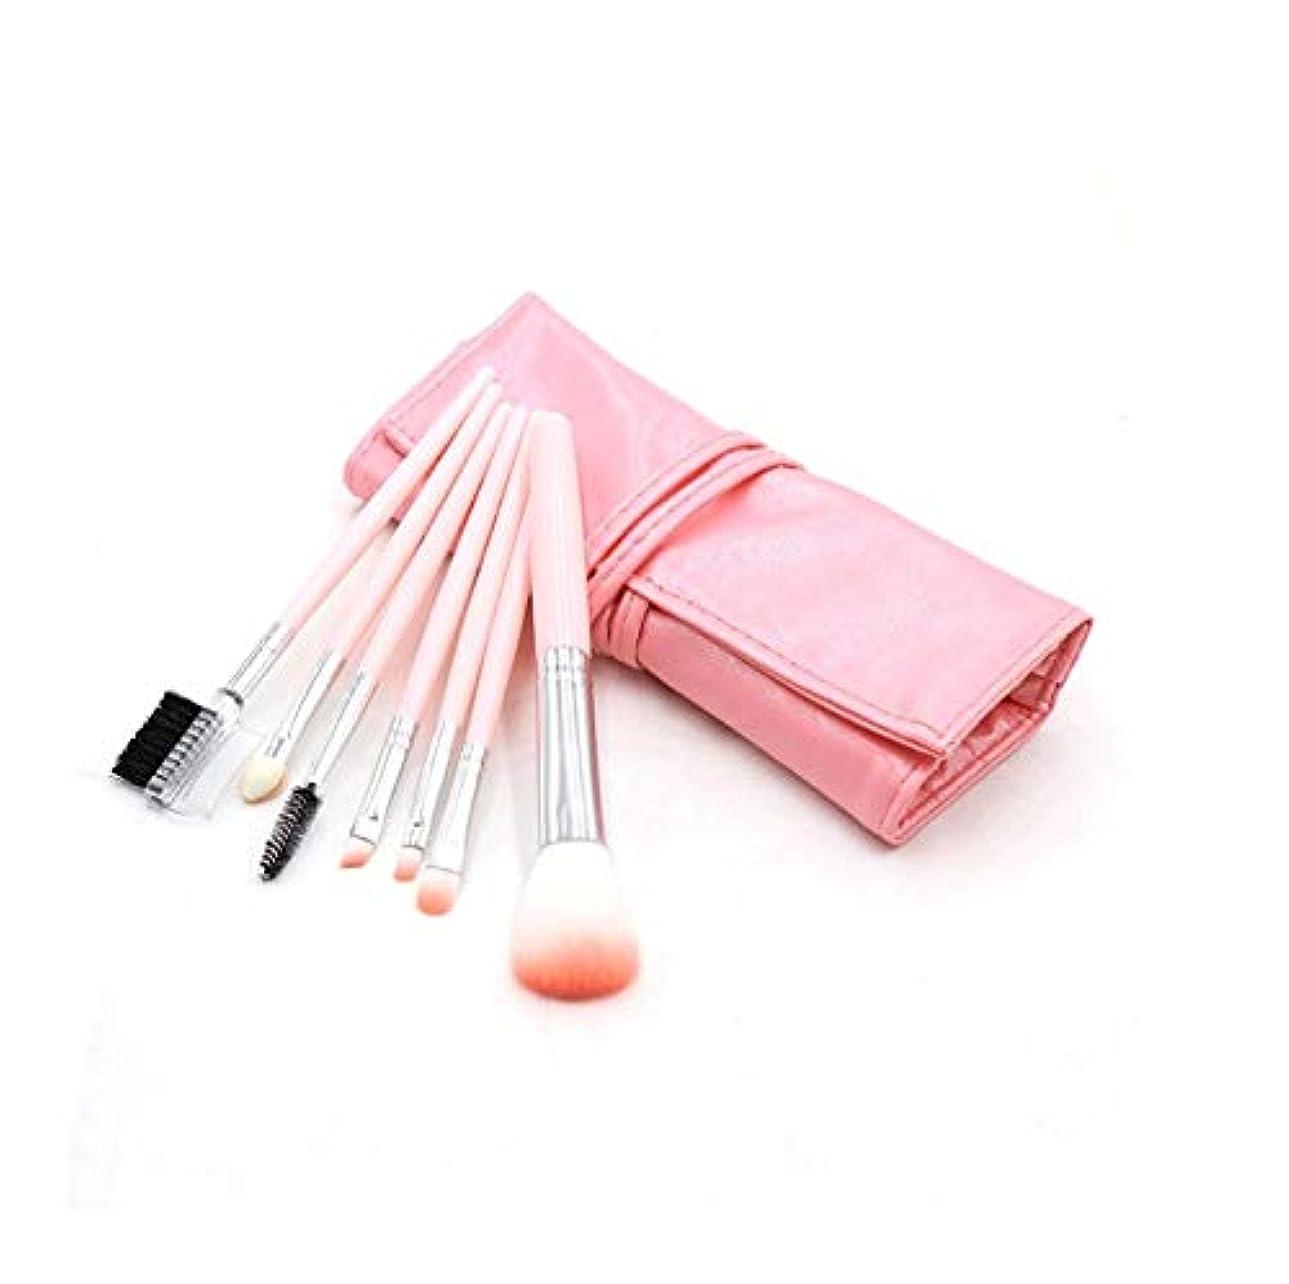 三角まぶしさ基本的な化粧ブラシセット、ピンク7化粧ブラシ化粧ブラシセットアイシャドウブラシリップブラシ美容化粧道具